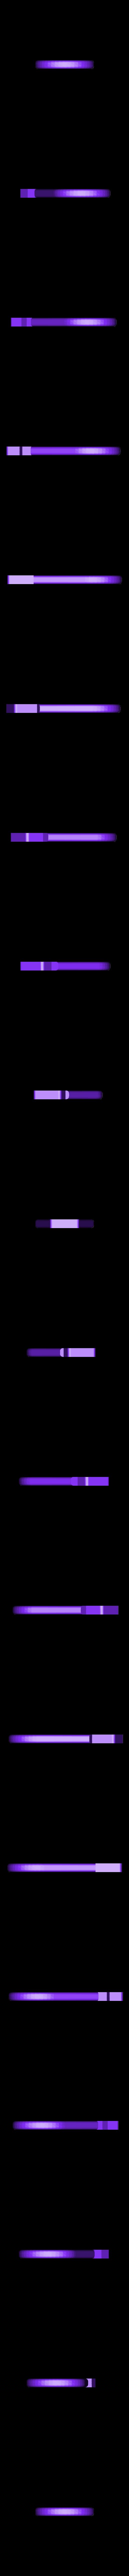 2.stl Télécharger fichier STL gratuit fiche pour prise de courant avec clé • Design à imprimer en 3D, 1001thing3d